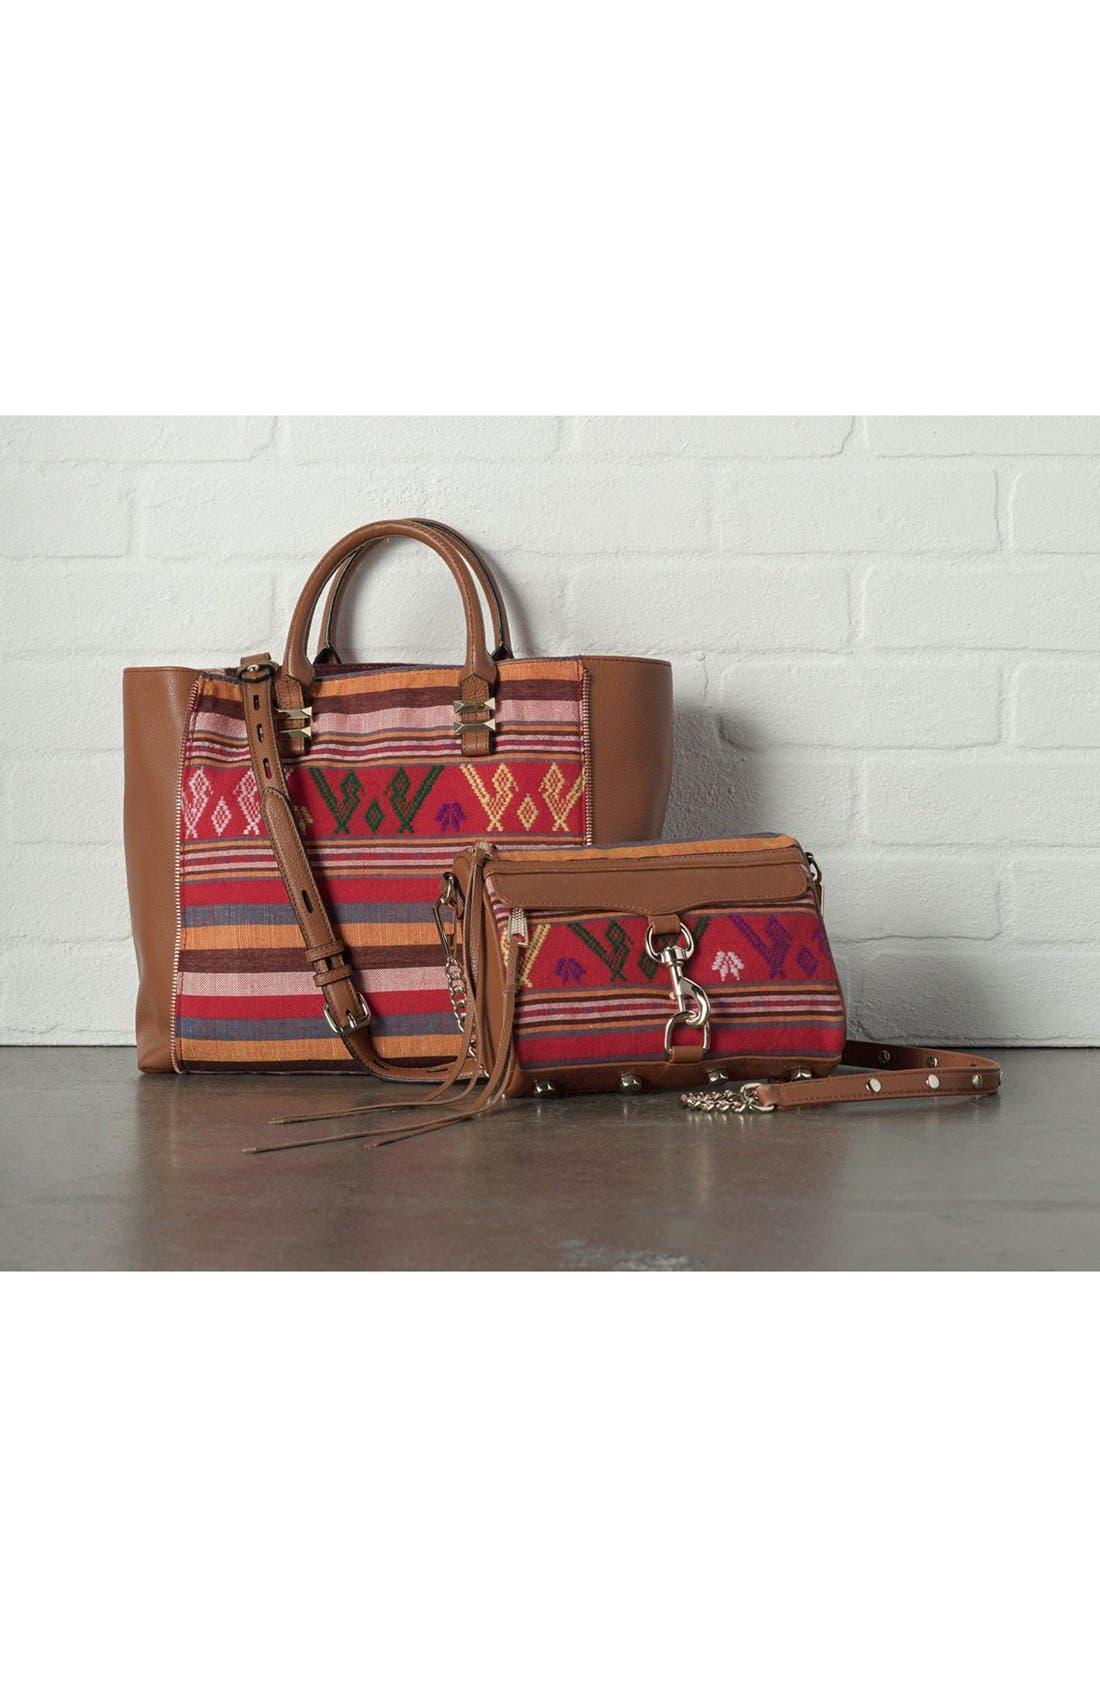 Piece & Co. and Rebecca Minkoff 'Mini MAC' Convertible Crossbody Bag,                             Alternate thumbnail 9, color,                             Orange Multi